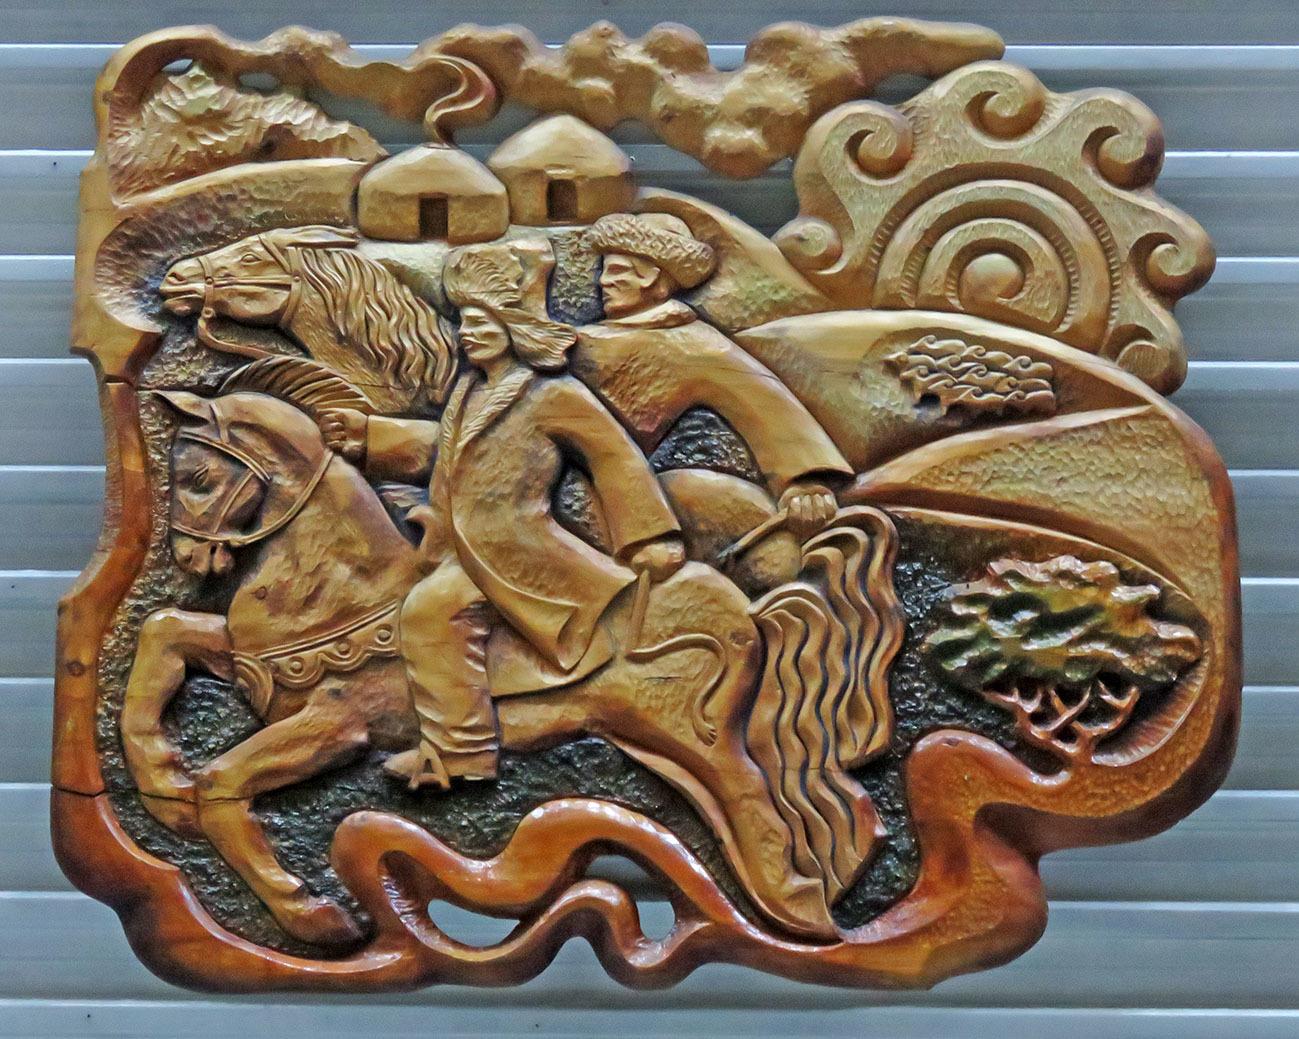 Байкало-Амурский маршрут. Часть 1: растёт ли на БАМе бамия? Дальний Восток,Сибирь,природа,злободневное,транспорт,дорожное,этнография